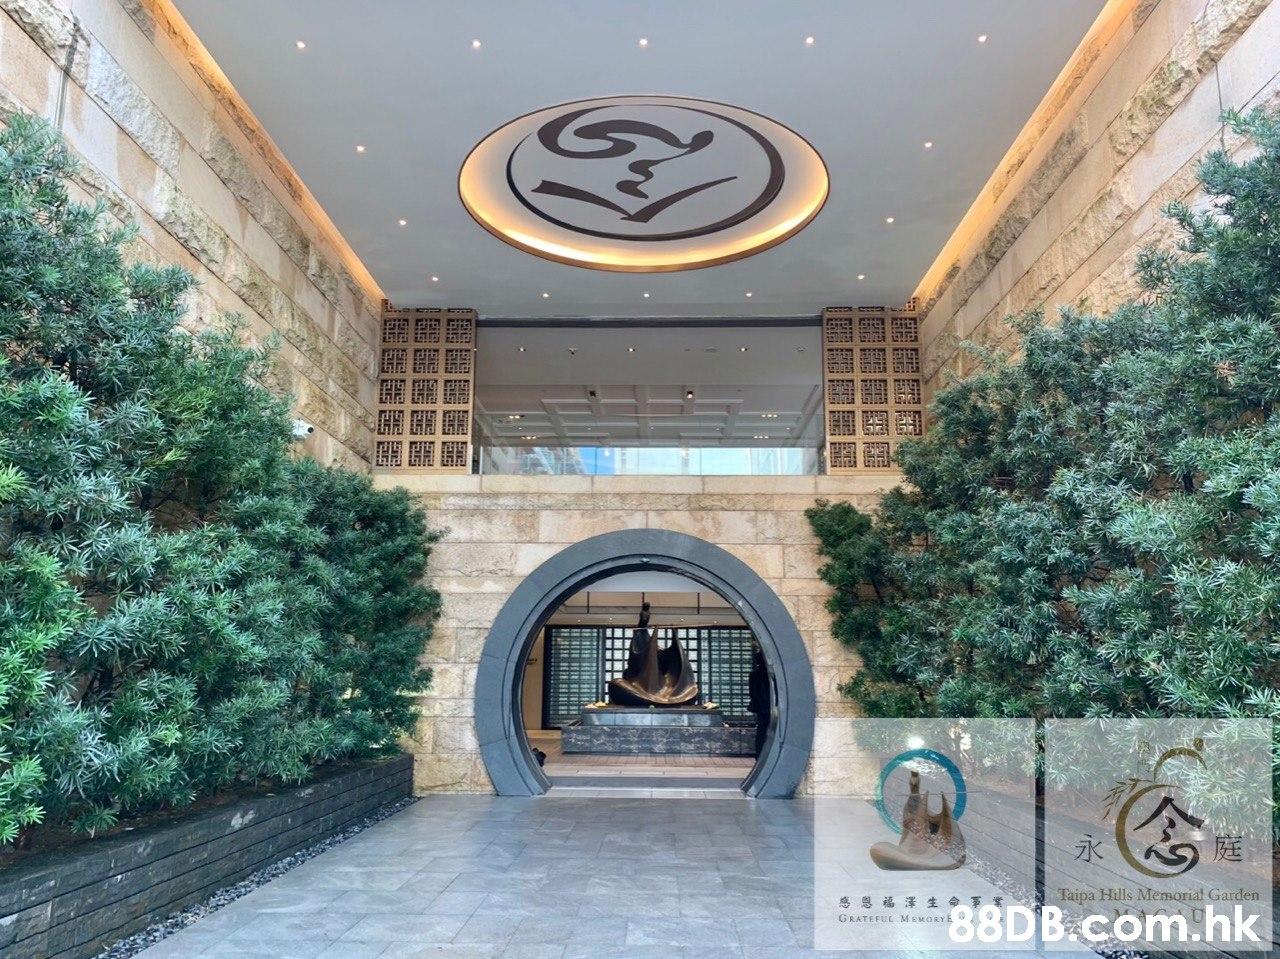 永 Taipa Hills Memorial Garden 感恩福澤生命事 .hk GRATEFUL MEMORYE  Building,Architecture,Property,Tree,Real estate